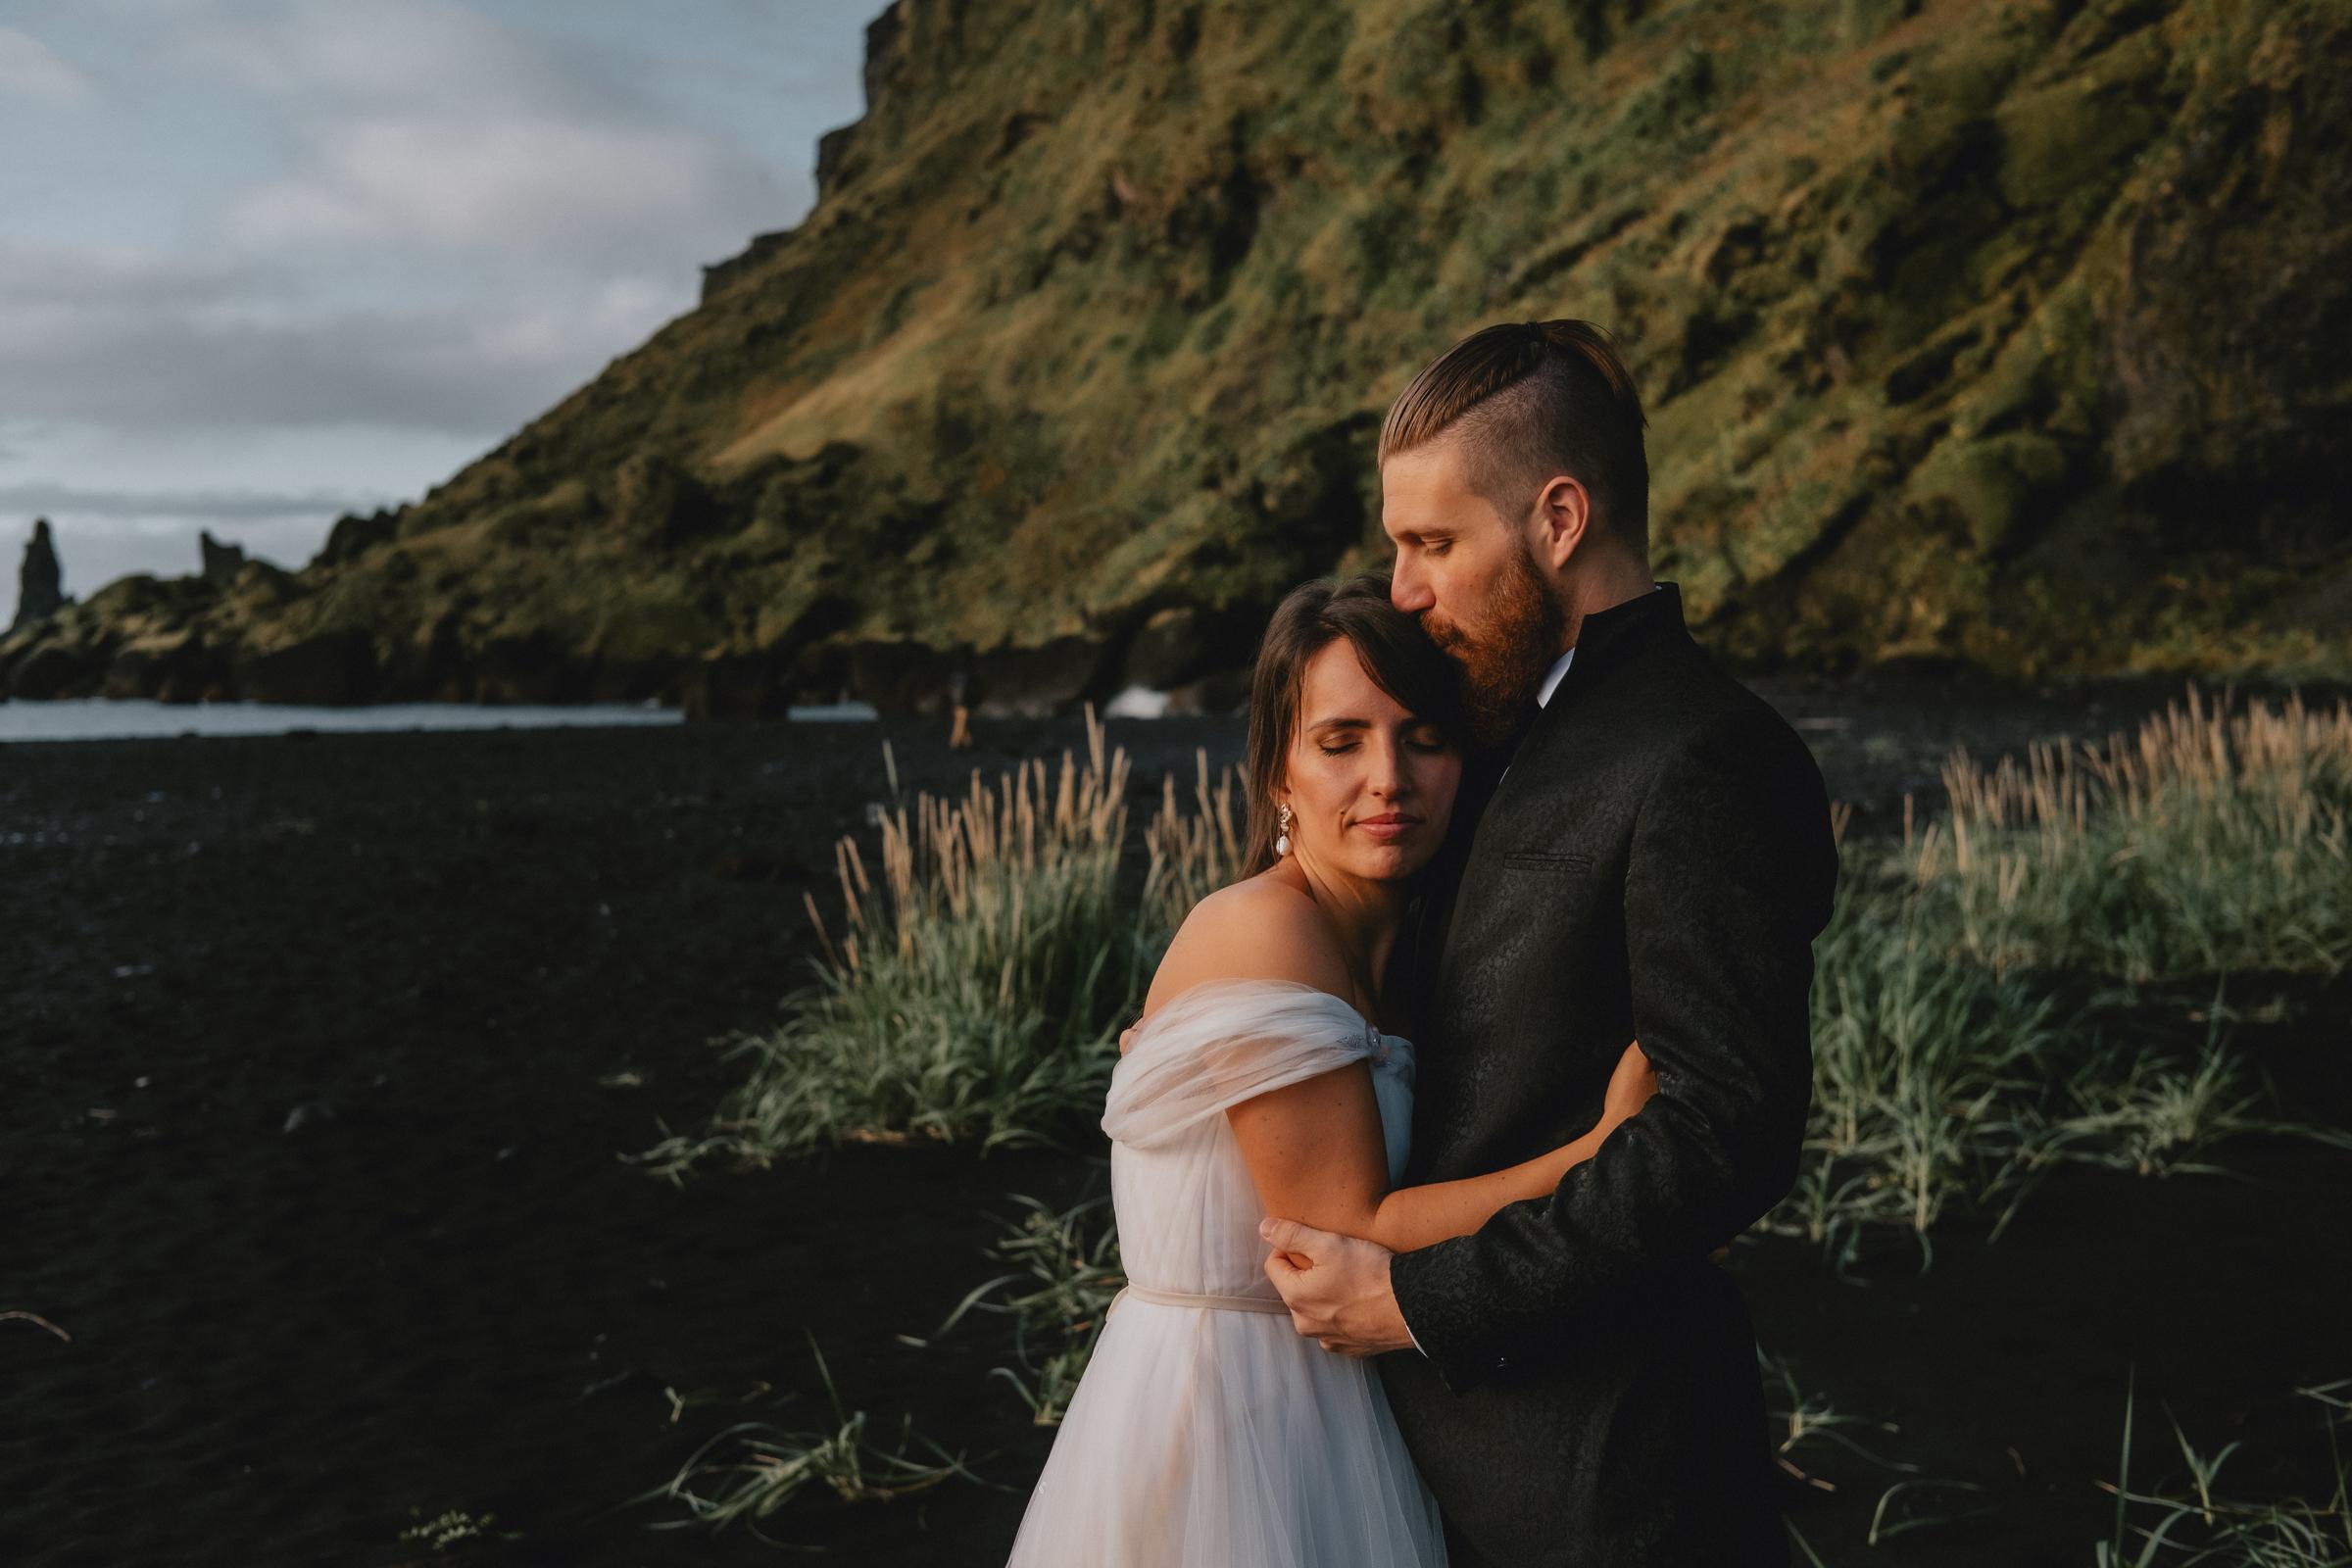 Couple embrace at Iceland sunrise - photo by Christin Eide Photography